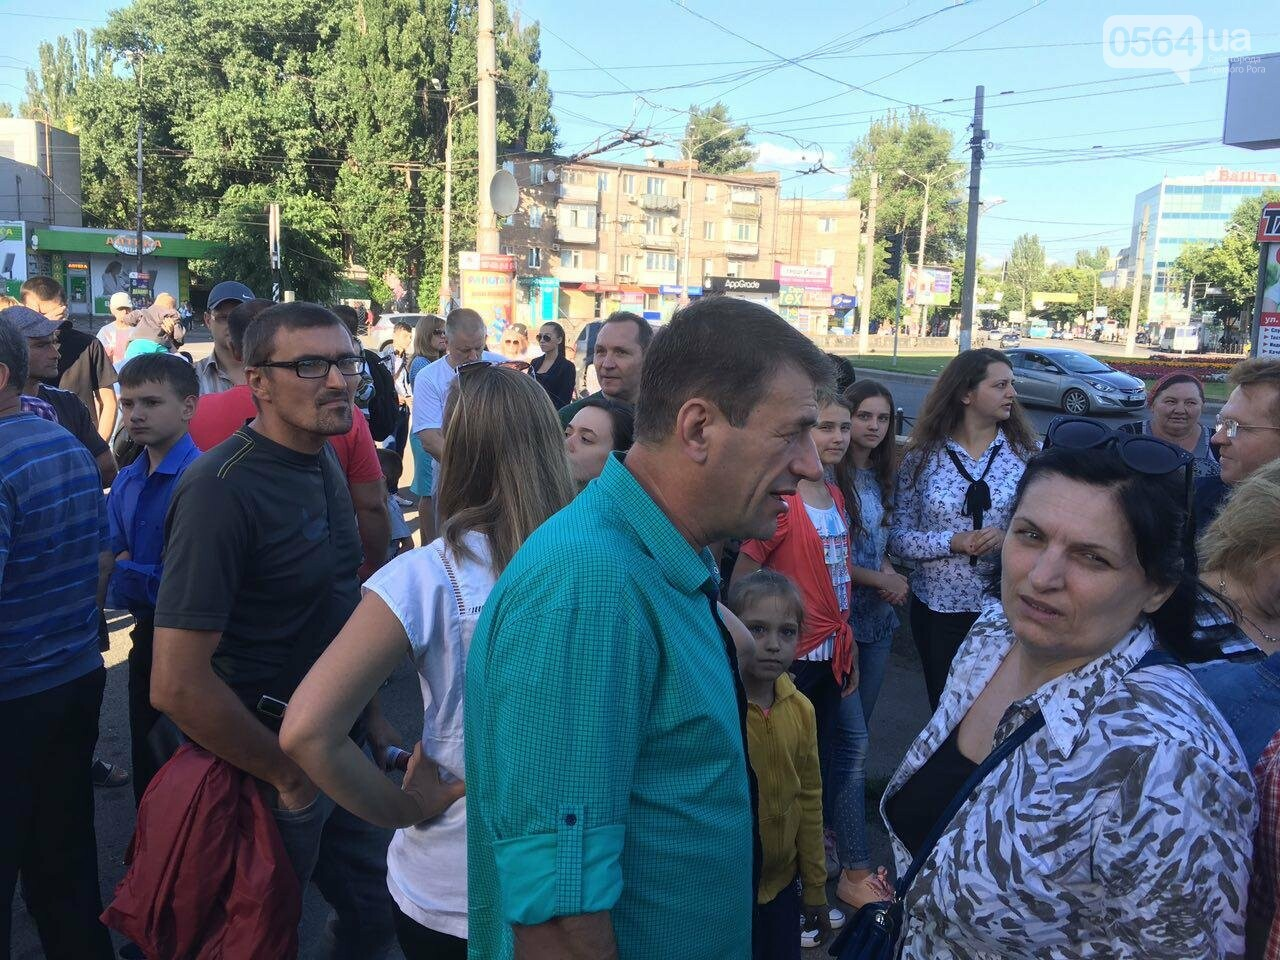 Криворожане собрались на Марш за традиционные семейные ценности, - ФОТО, ПРЯМОЙ ЭФИР, фото-8